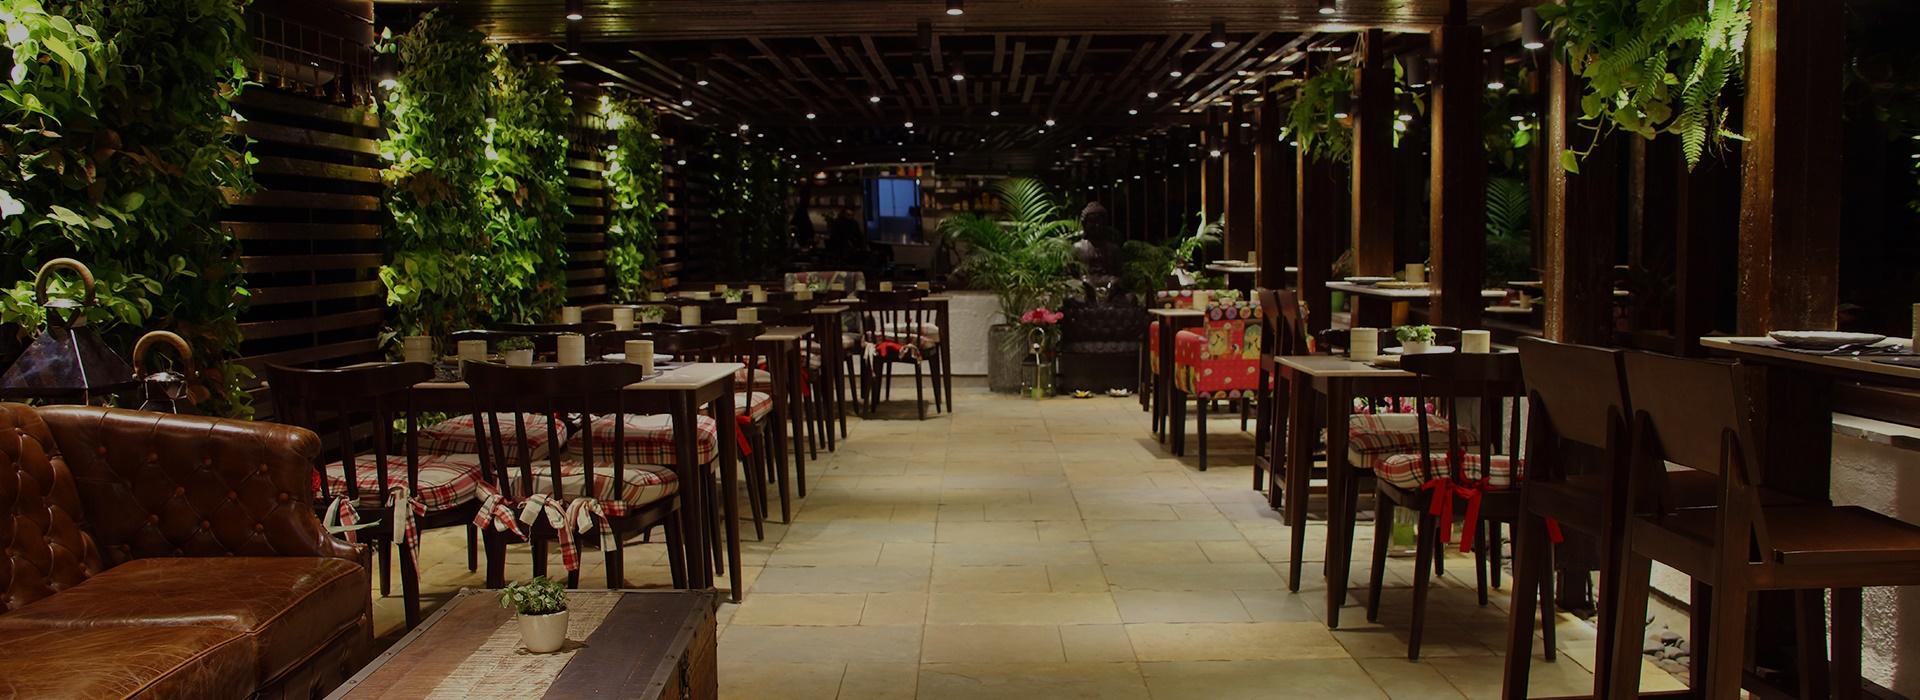 Paashh Organic Cafe | Cafes in Pune | Kalyani Nagar